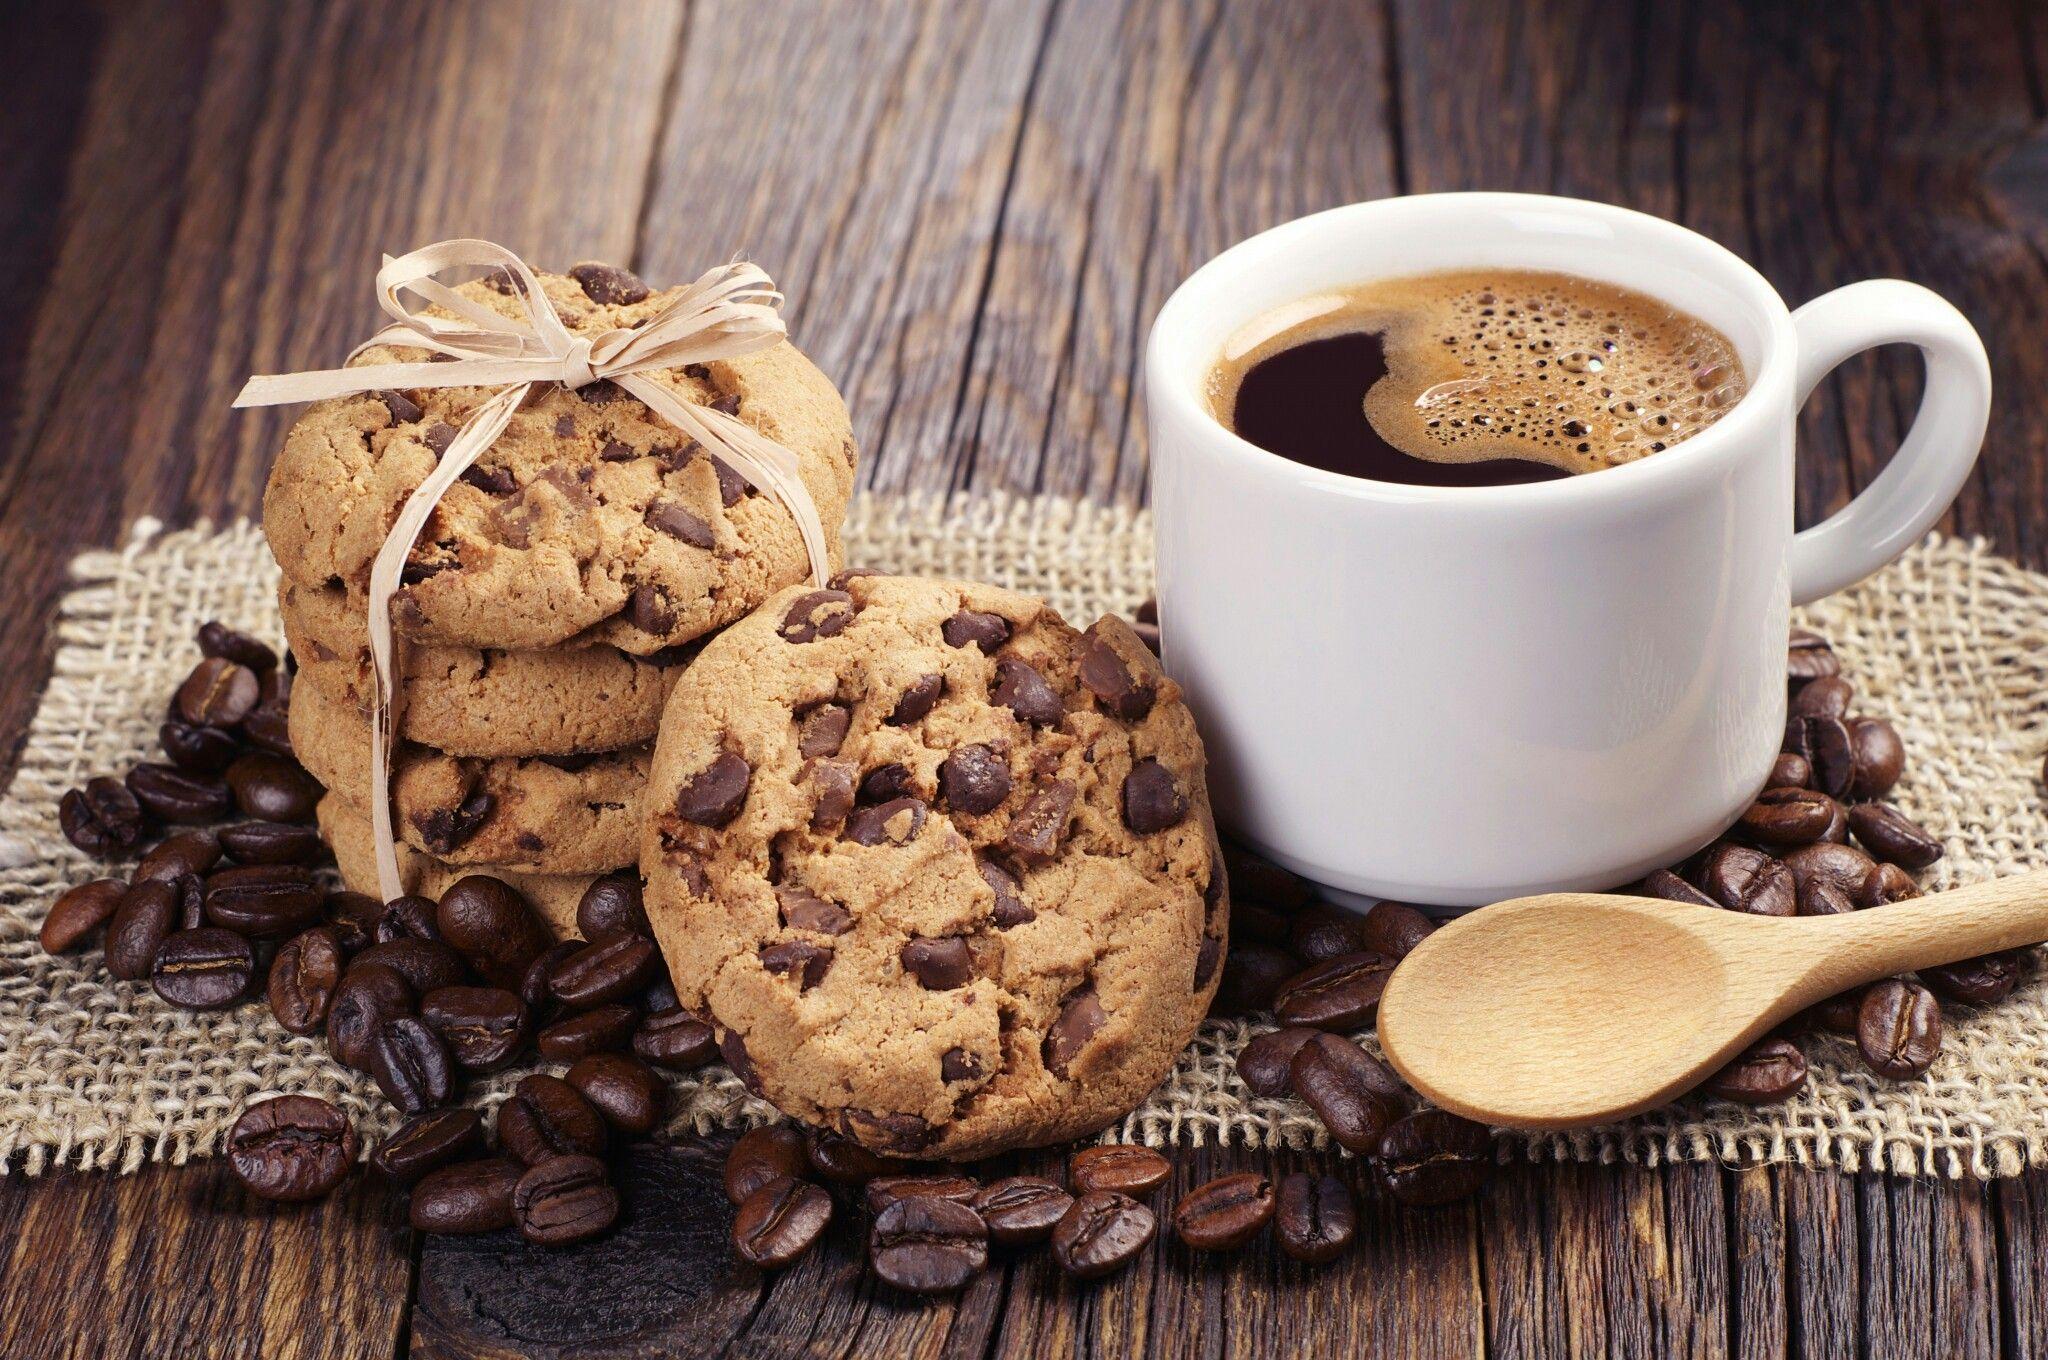 Pin de Elena em Кофе | Bom apetite, Versatilidade